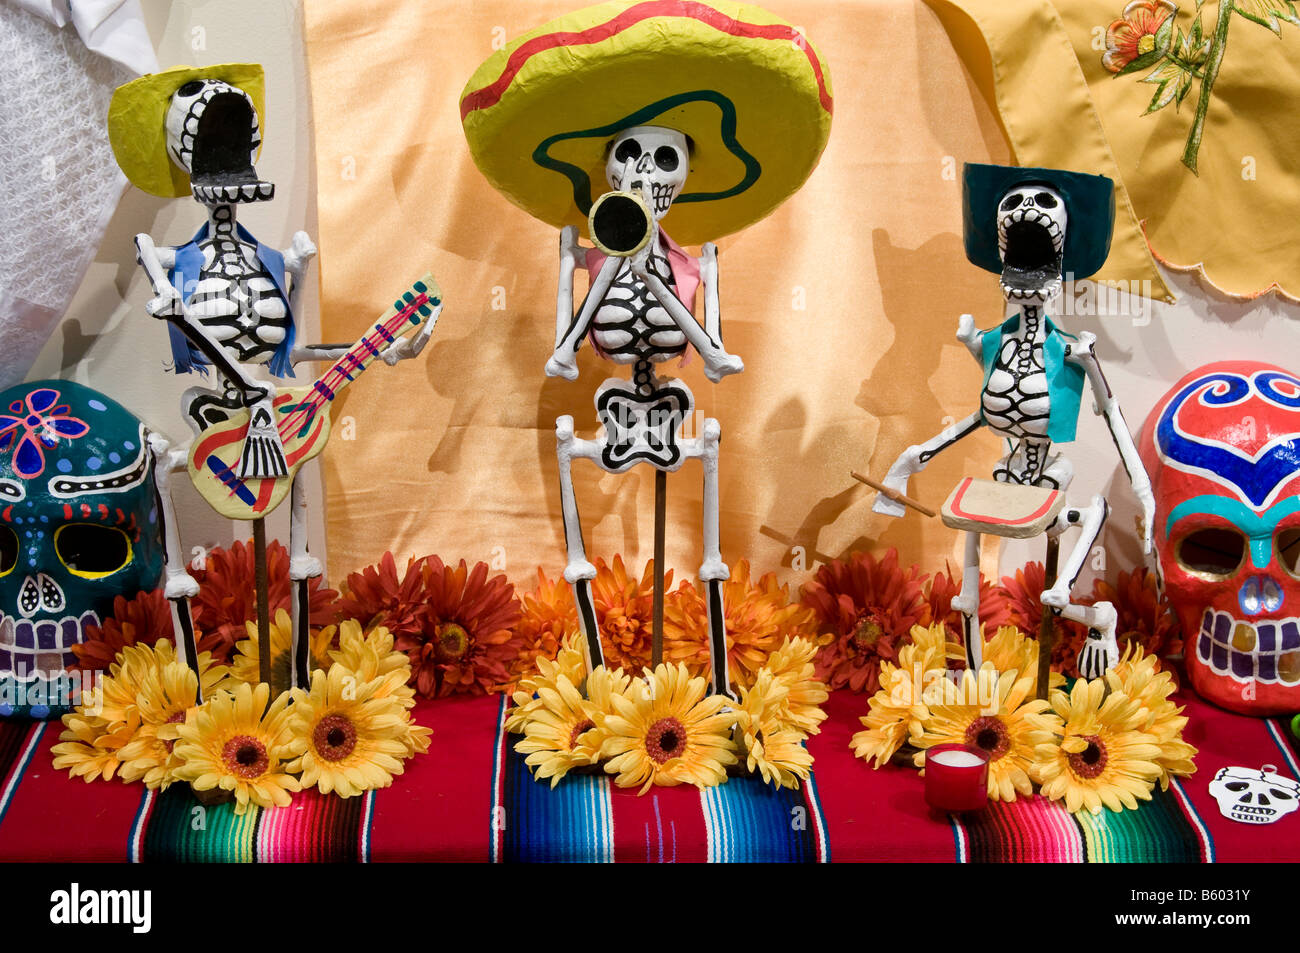 Day of the Dead Dia (de los Muertos) display, Institute of Texan Cultures, San Antonio, Texas. - Stock Image